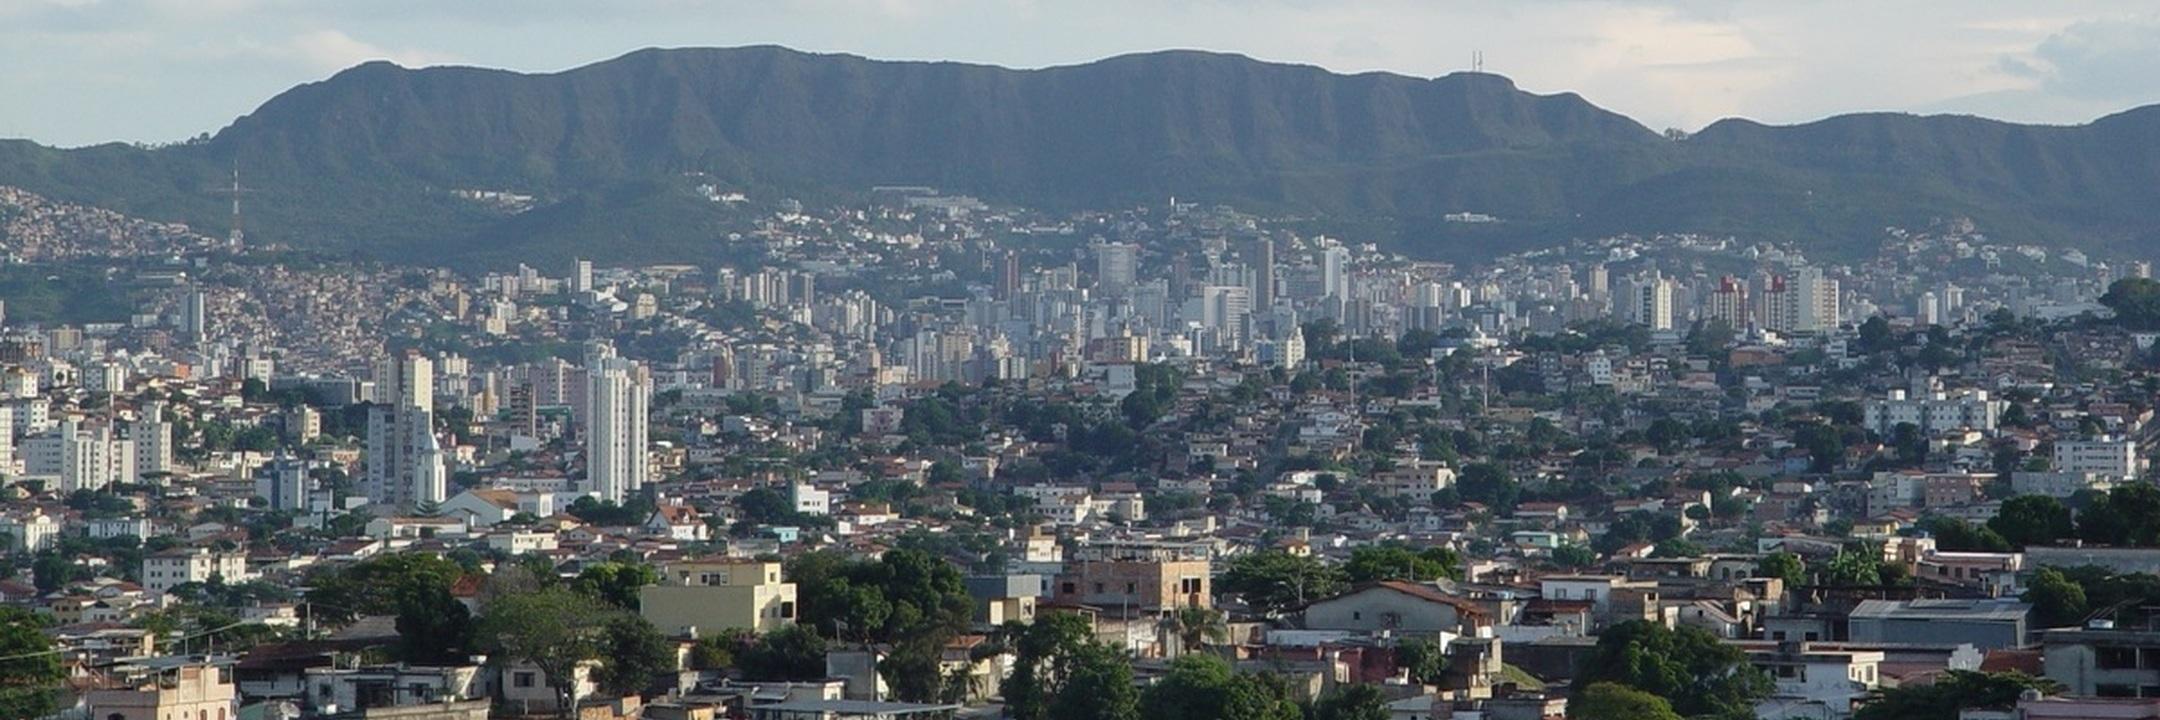 Belo Horizonte: o Brasil com ambiente europeu